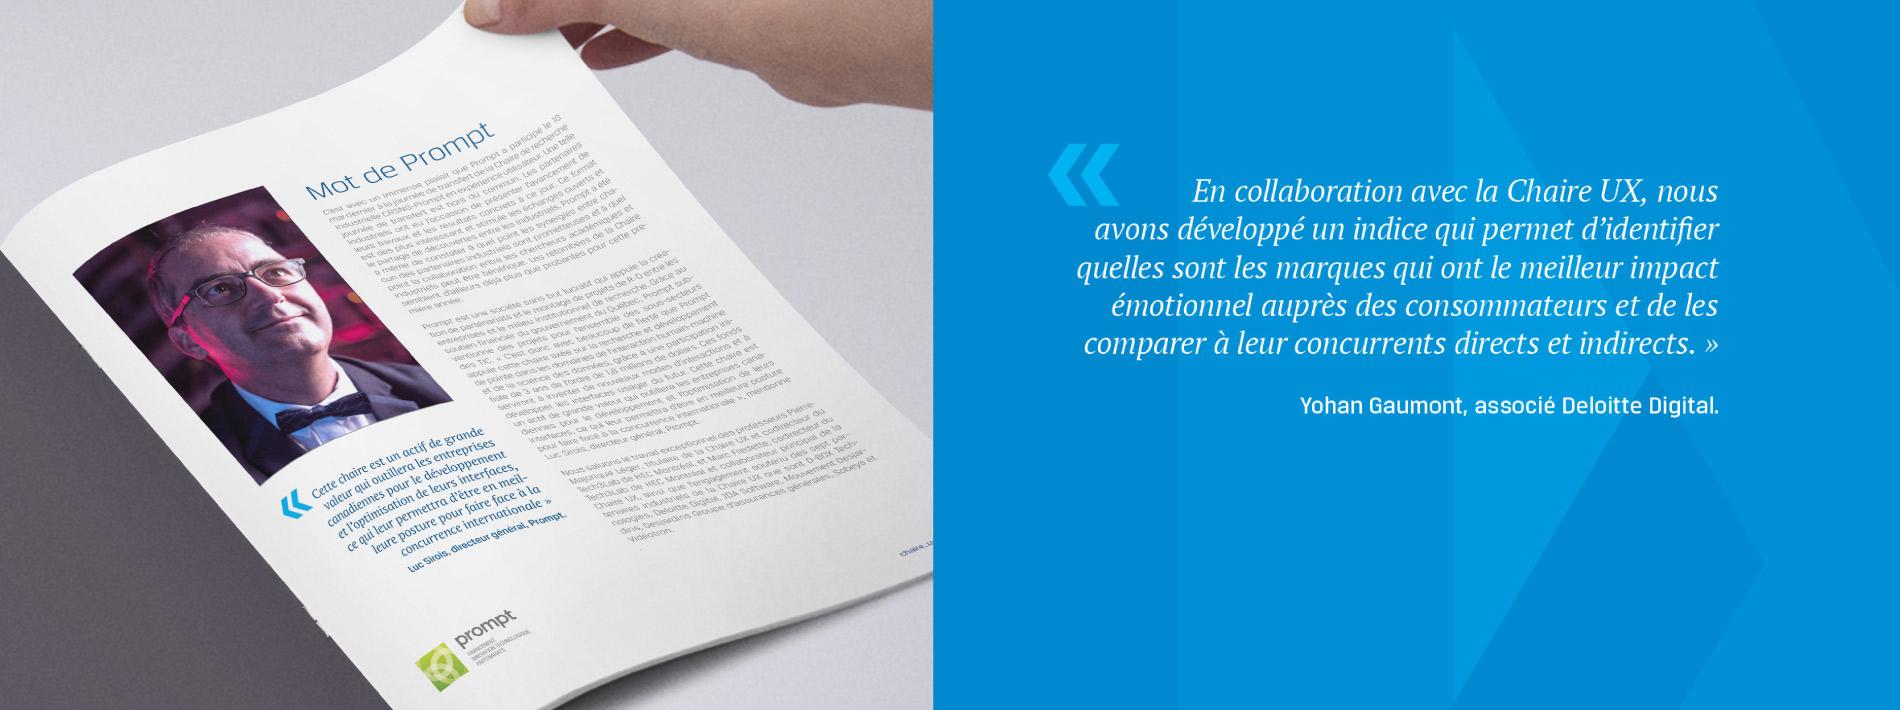 Conception du rapport annuel de la Chaire UX page 3